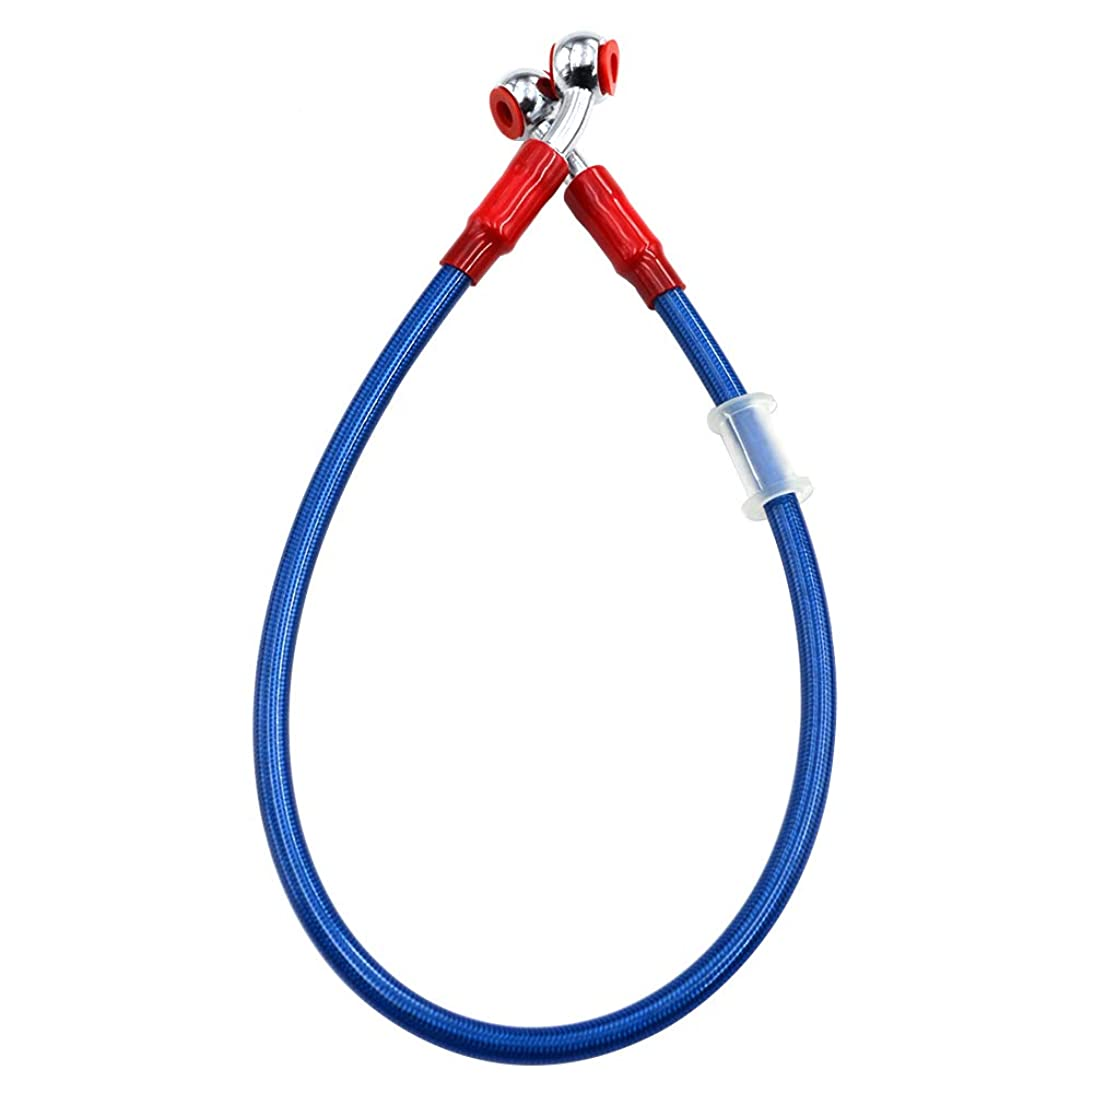 はがき忠誠フィットAHL ブレーキ ホース クラッチ オイル ホース メッシュホース 70CM 油圧 (ブルー)